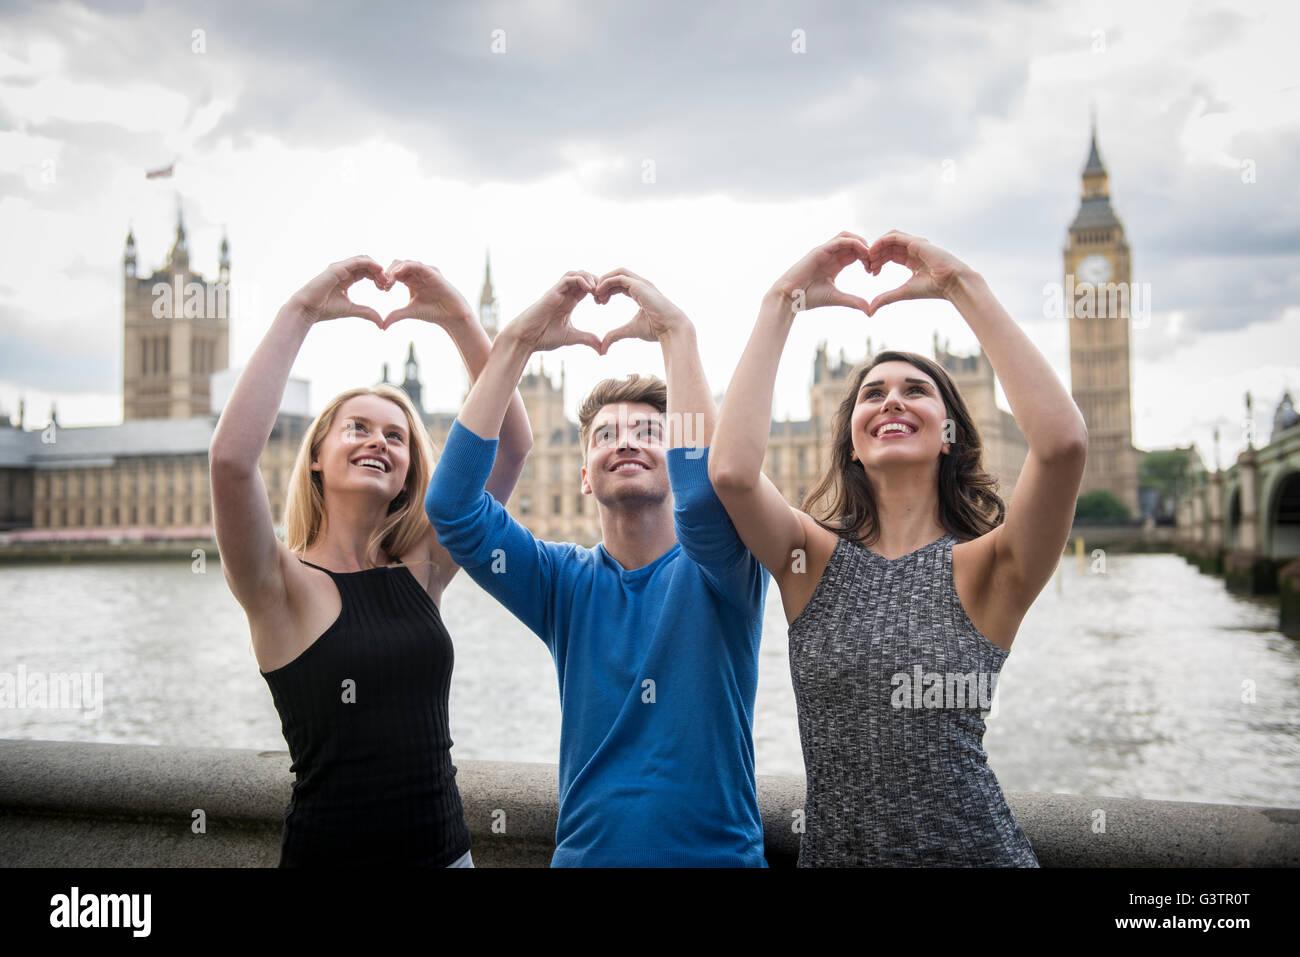 Tres amigos hacen una forma de corazón con sus manos con las Casas del Parlamento en el fondo. Imagen De Stock